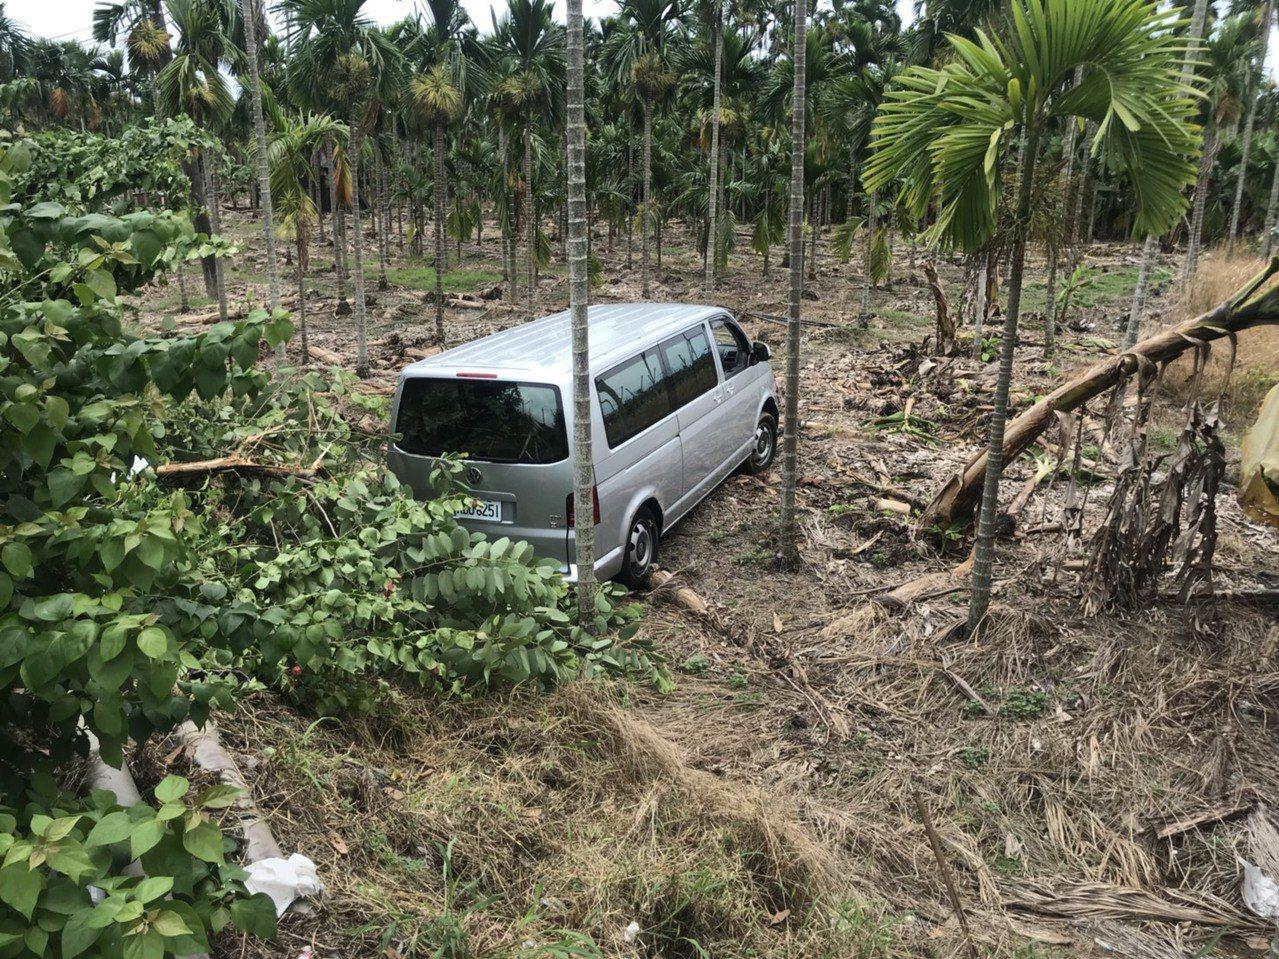 載送考卷的廂型車被計程車猛烈的撞擊力撞入檳榔園。記者潘欣中/翻攝